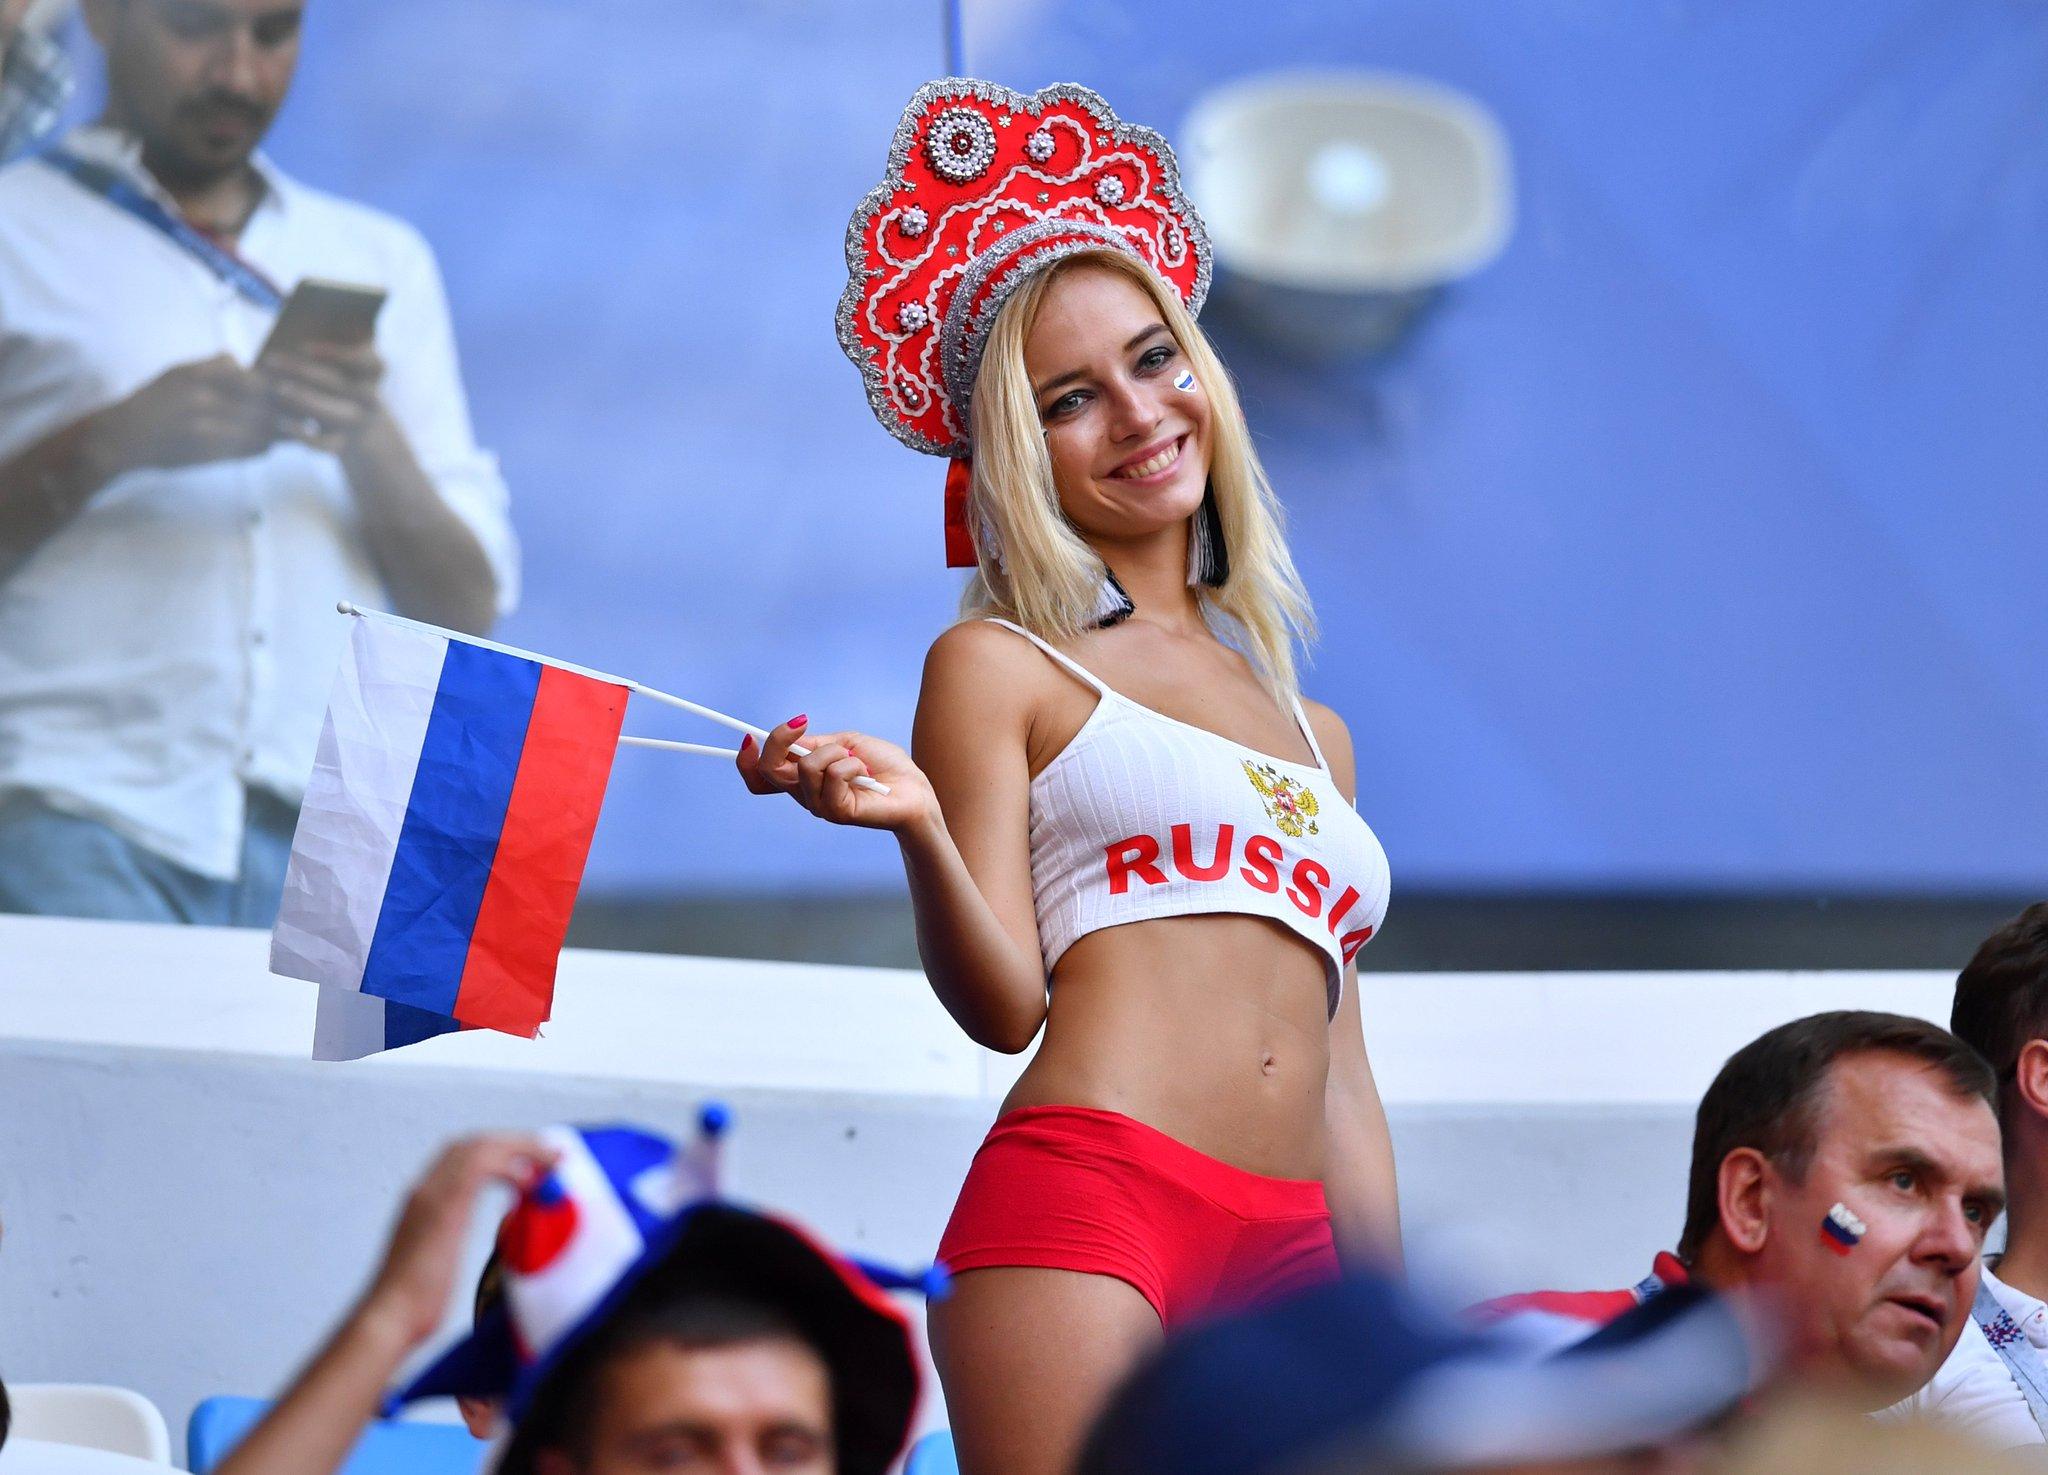 Самые красивые пукающие девушки россии #8